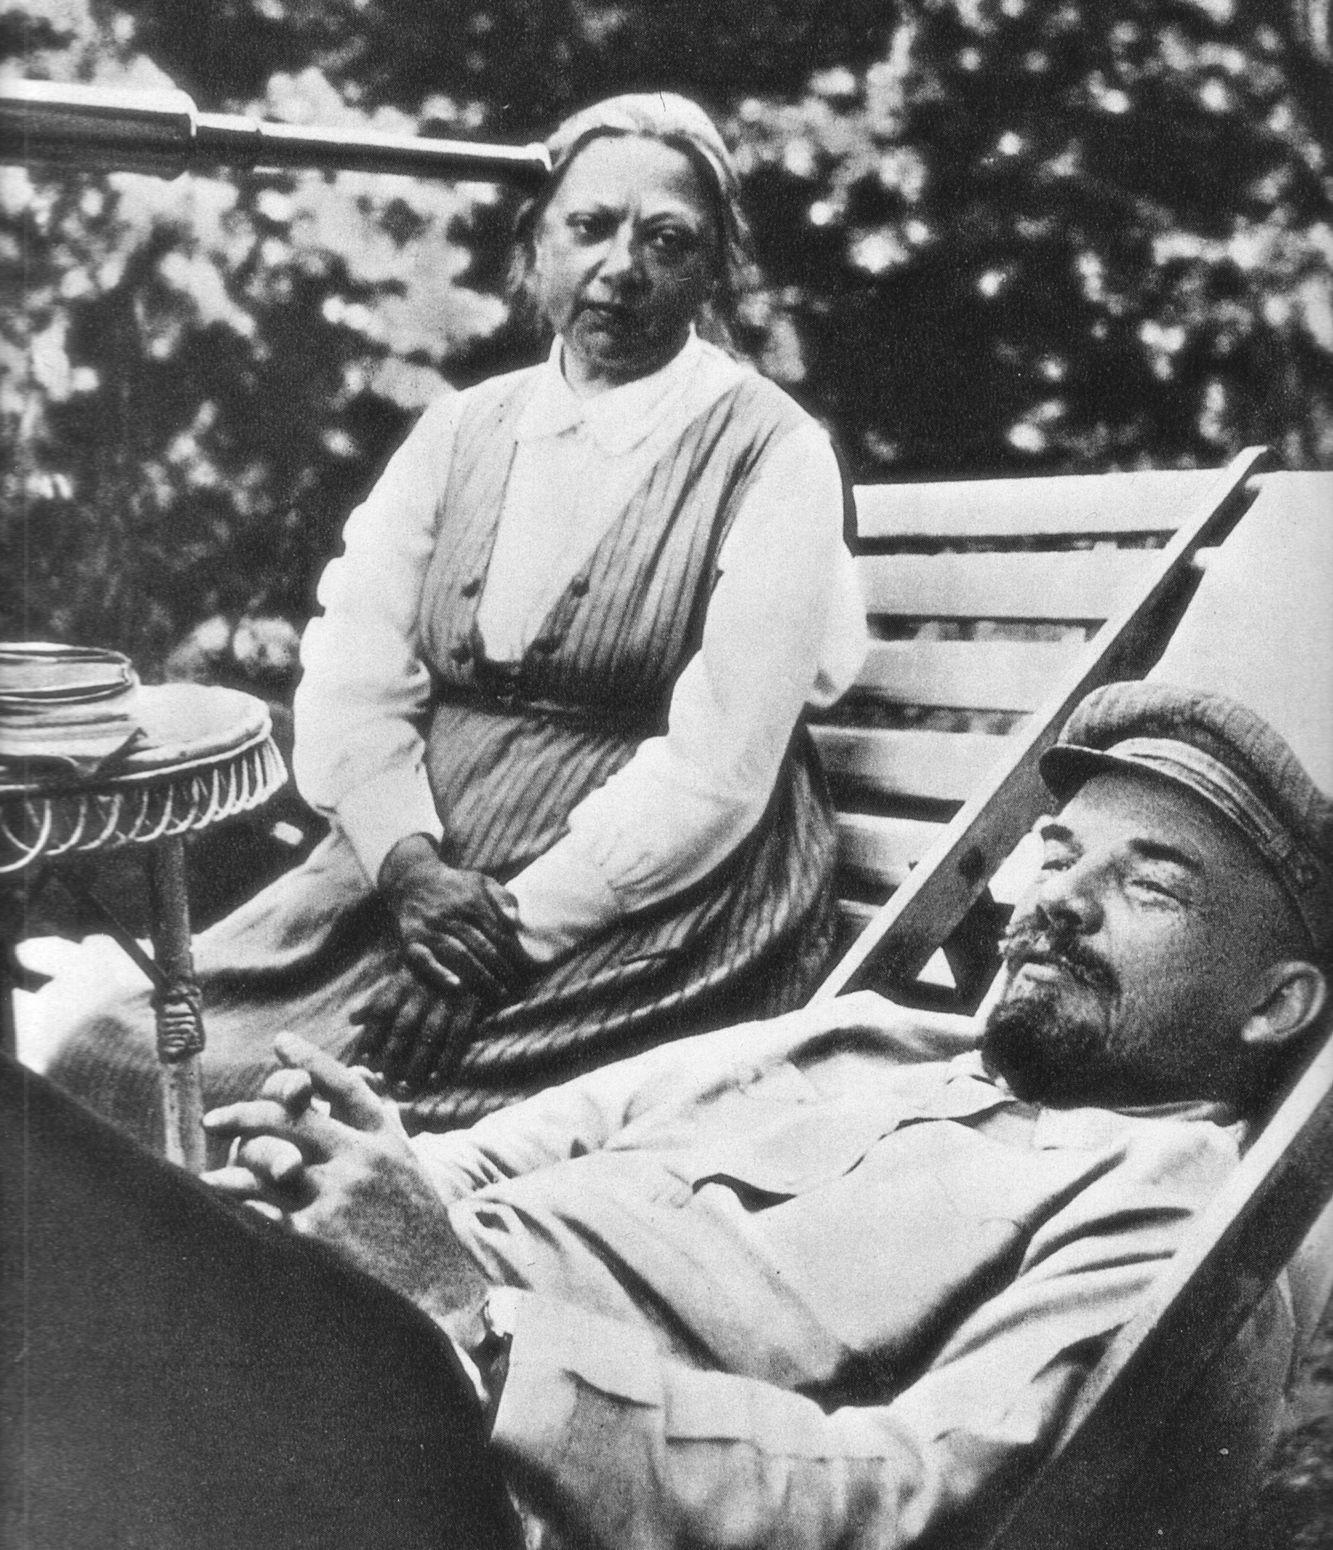 W podróży pociągiem przez Europę Leninowi towarzyszyła m.in. jego małżonka Nadieżda Krupska. Na zdjęciu małżonkowie w 1922 roku. Fotografię wykonała Maria, najmłodsza siostra Lenina.